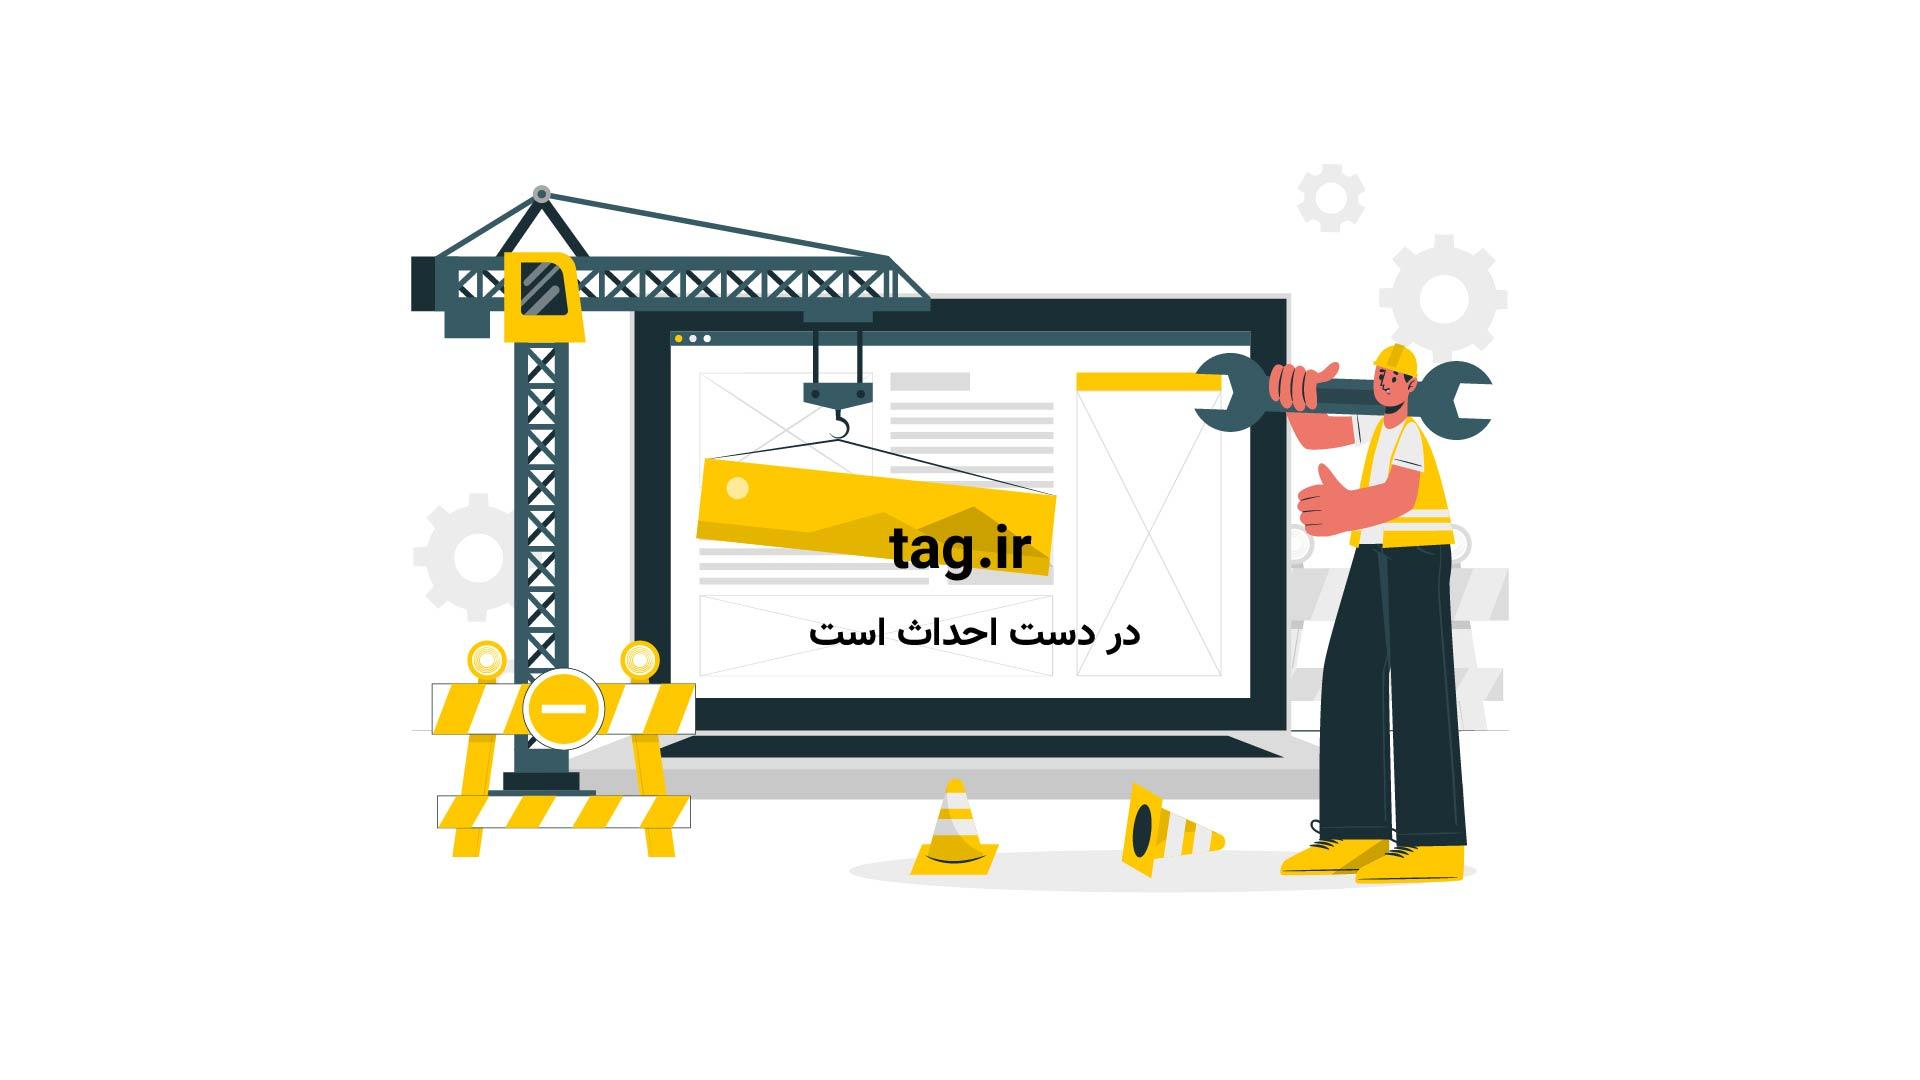 سخنرانی های تد؛ صد روز شکست |فیلم